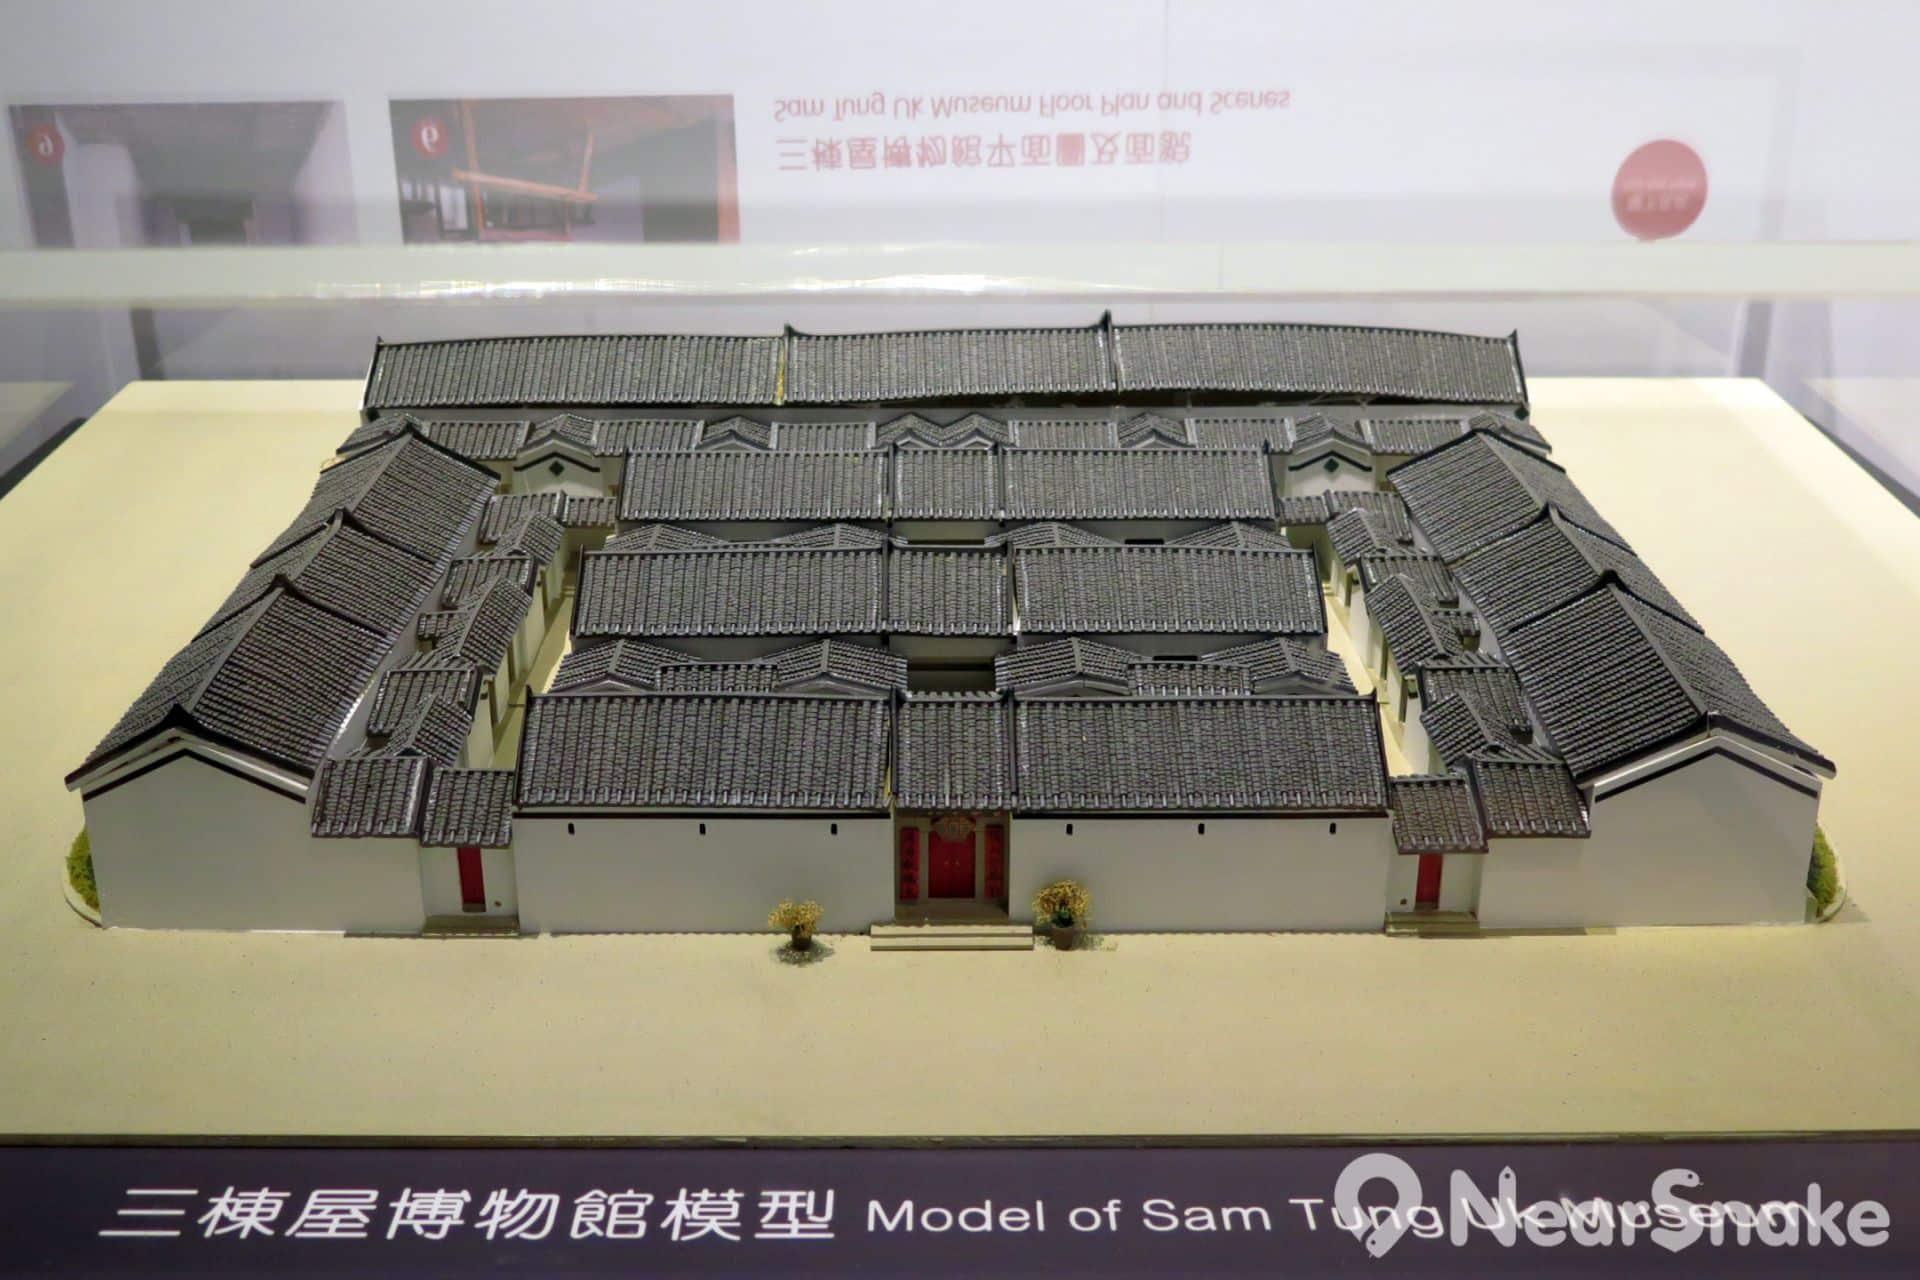 遊客身在博物館內或很難一睹三棟屋全貌,所以館內也另設模型,把「三棟屋」的全貌展現於大家眼前。